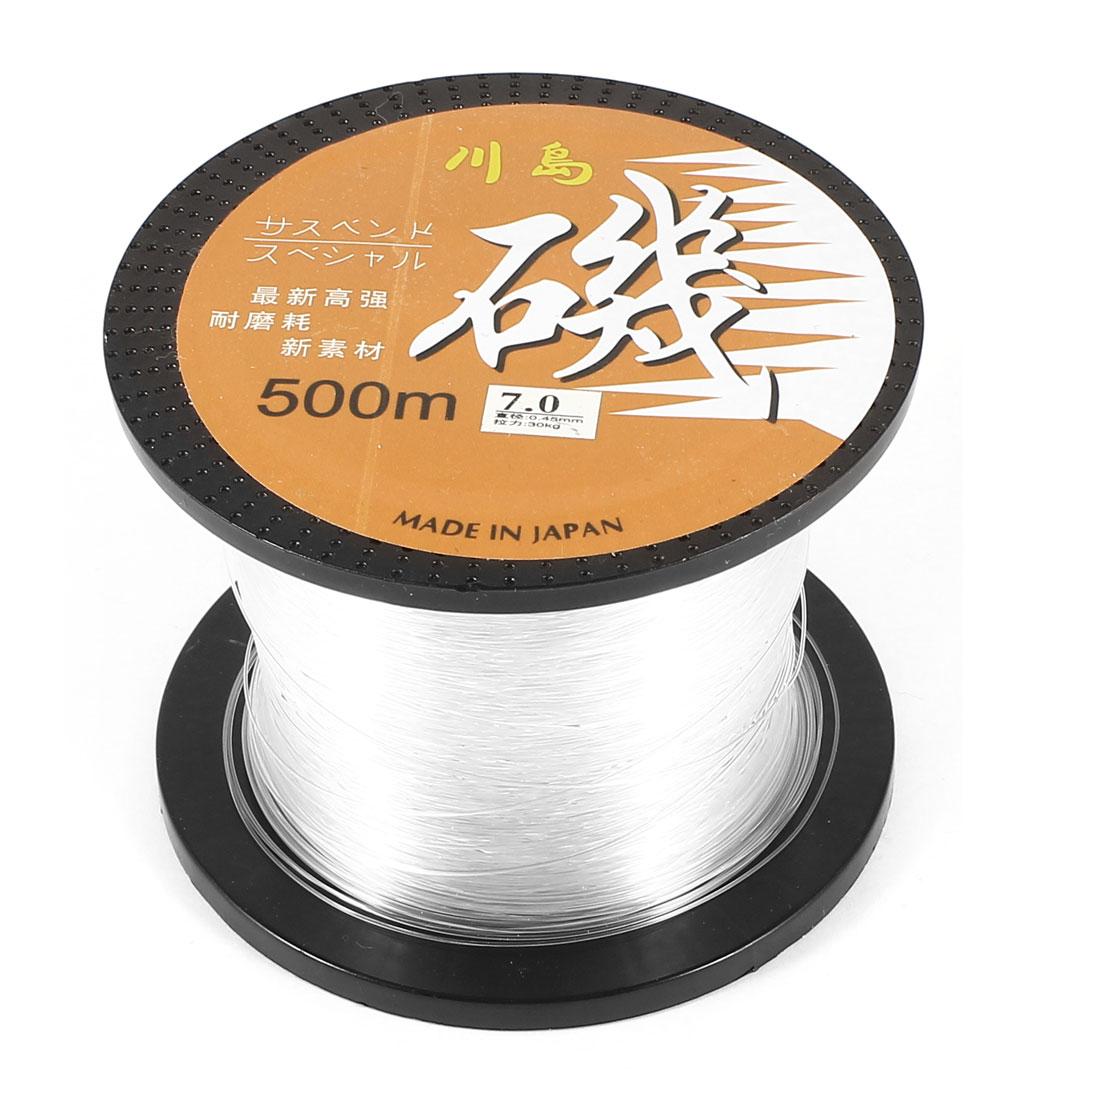 7.0# Clear Nylon Thread 0.45mm Dia 30Kg Fishing Line Spool 500M